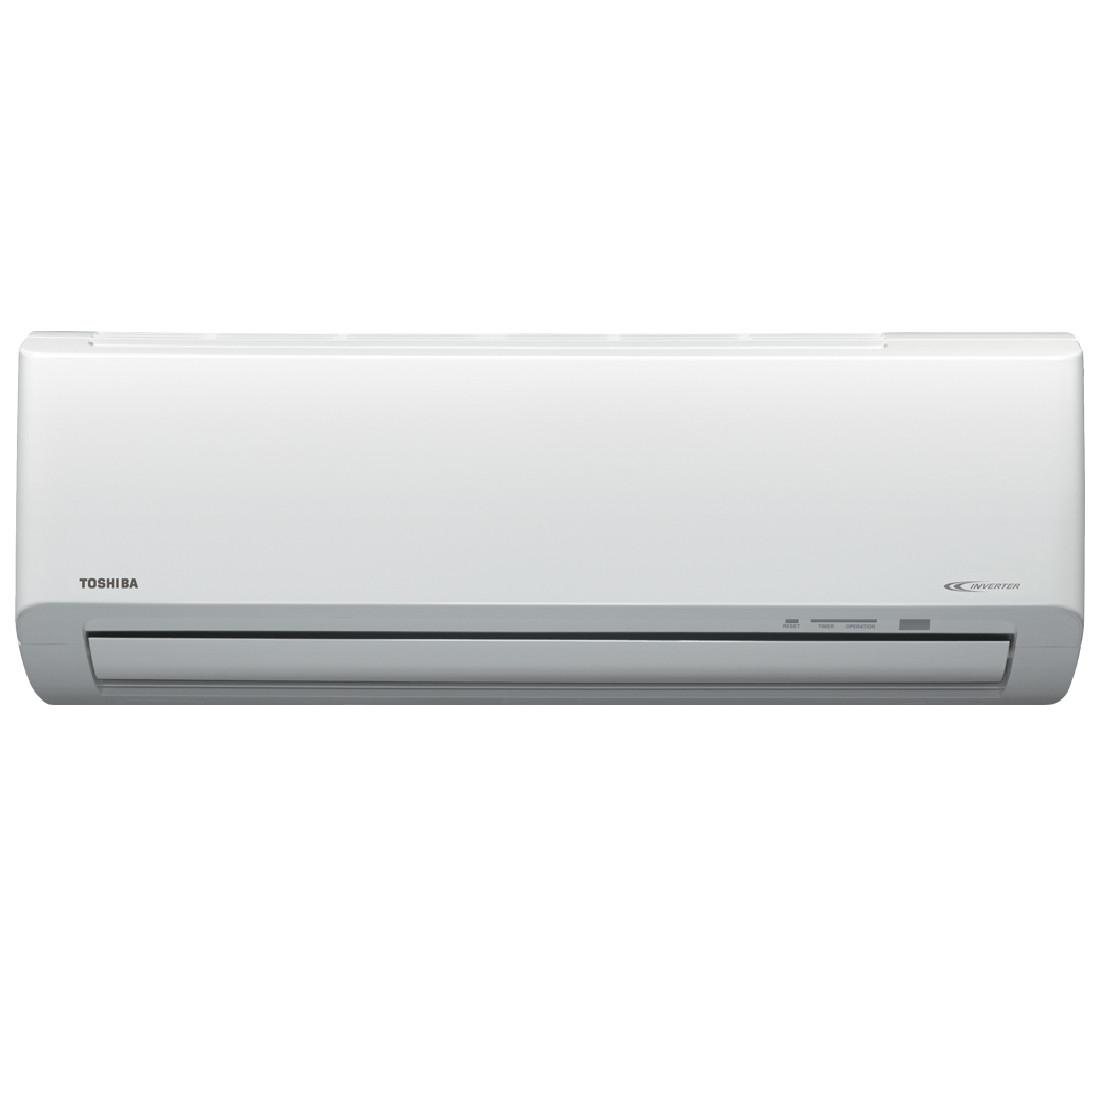 Máy lạnh Toshiba Inverter 1 HP RAS-H10H2KCVG-V - HÀNG CHÍNH HÃNG